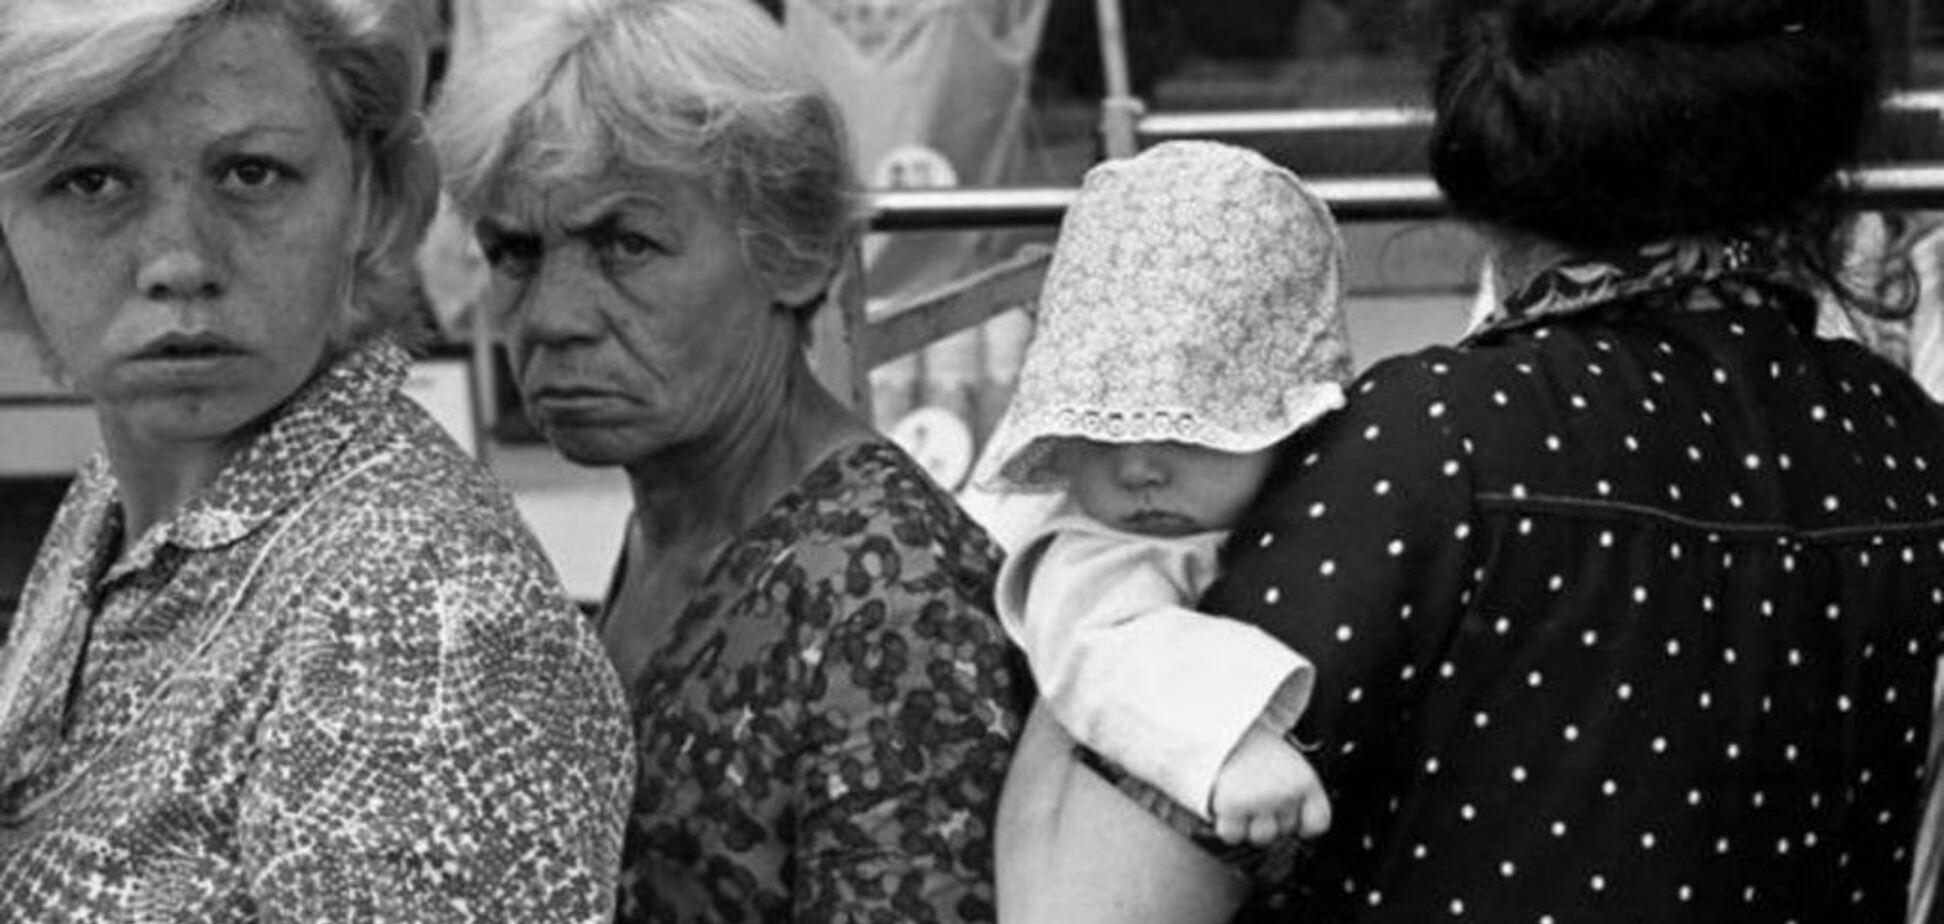 Миф про 'хорошее здоровье' людей в СССР